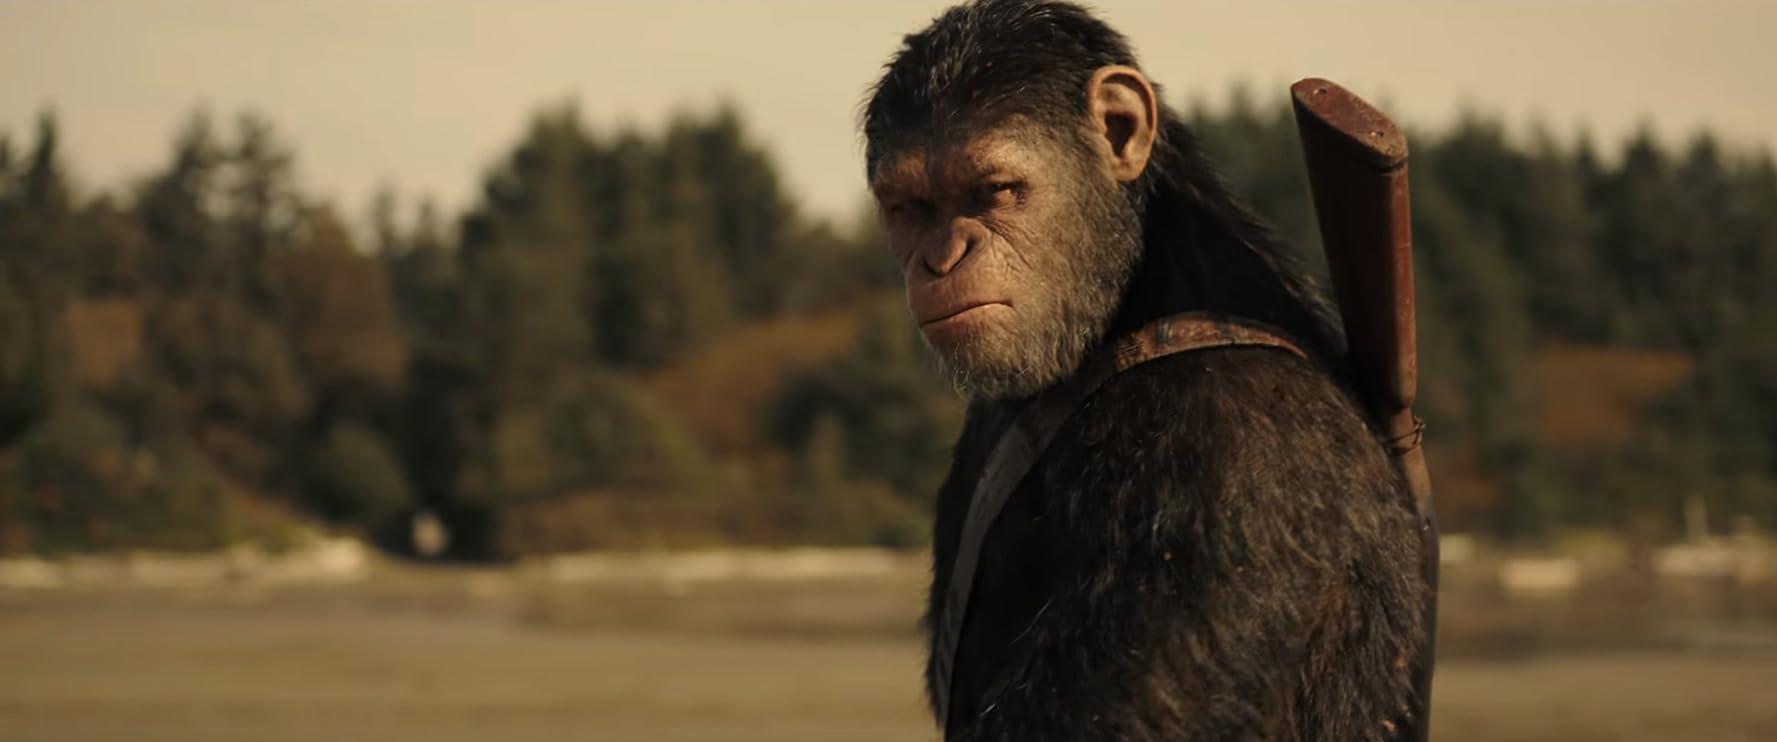 Andy Serkis protagonista de cesar en planeta de los simios